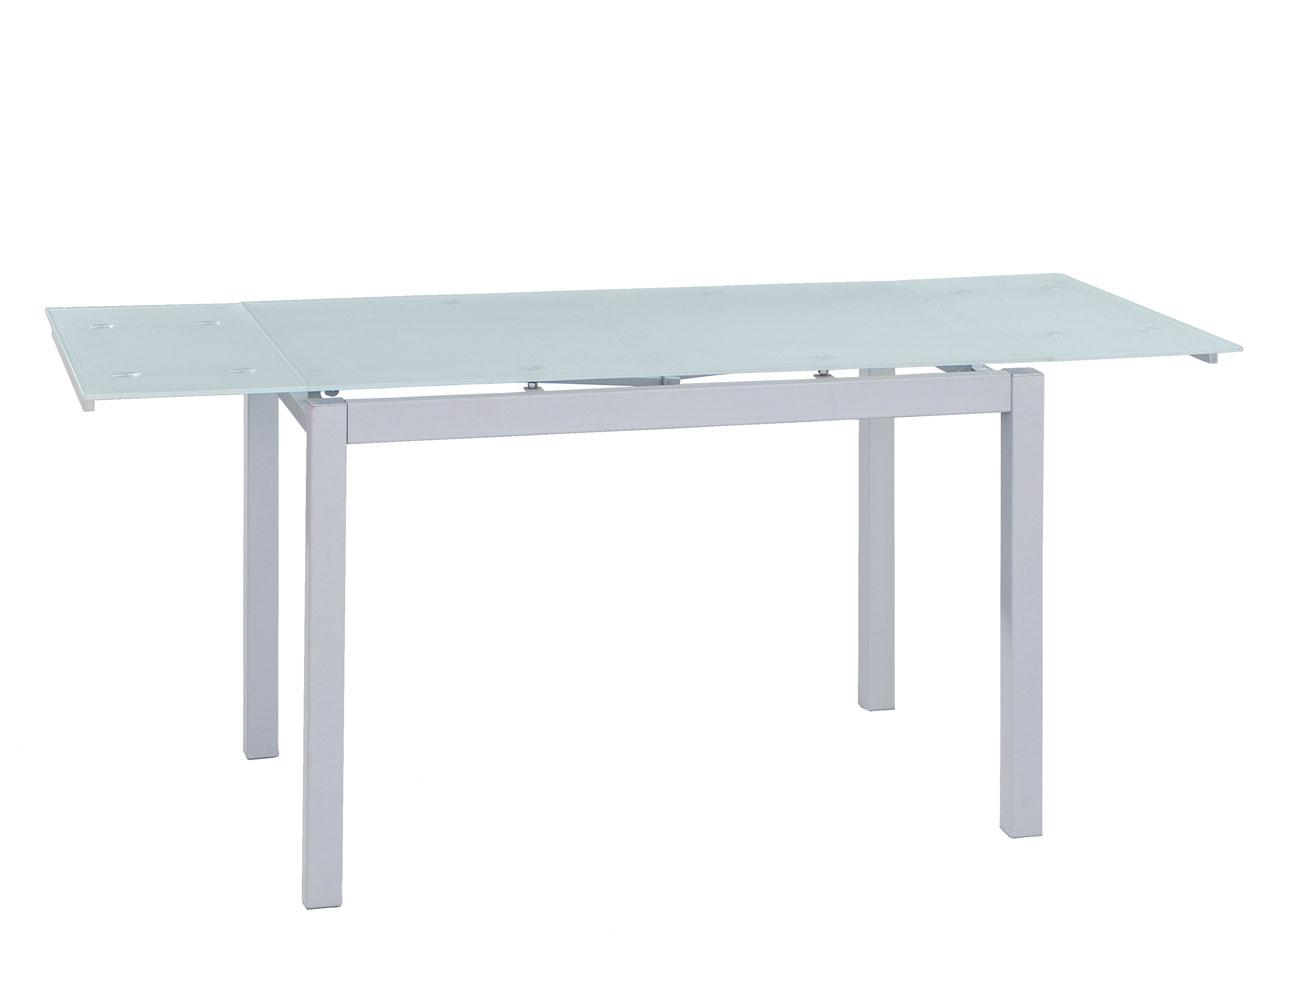 Mesa de cocina extensible en cristal templado 3582 for Mesa cristal extensible